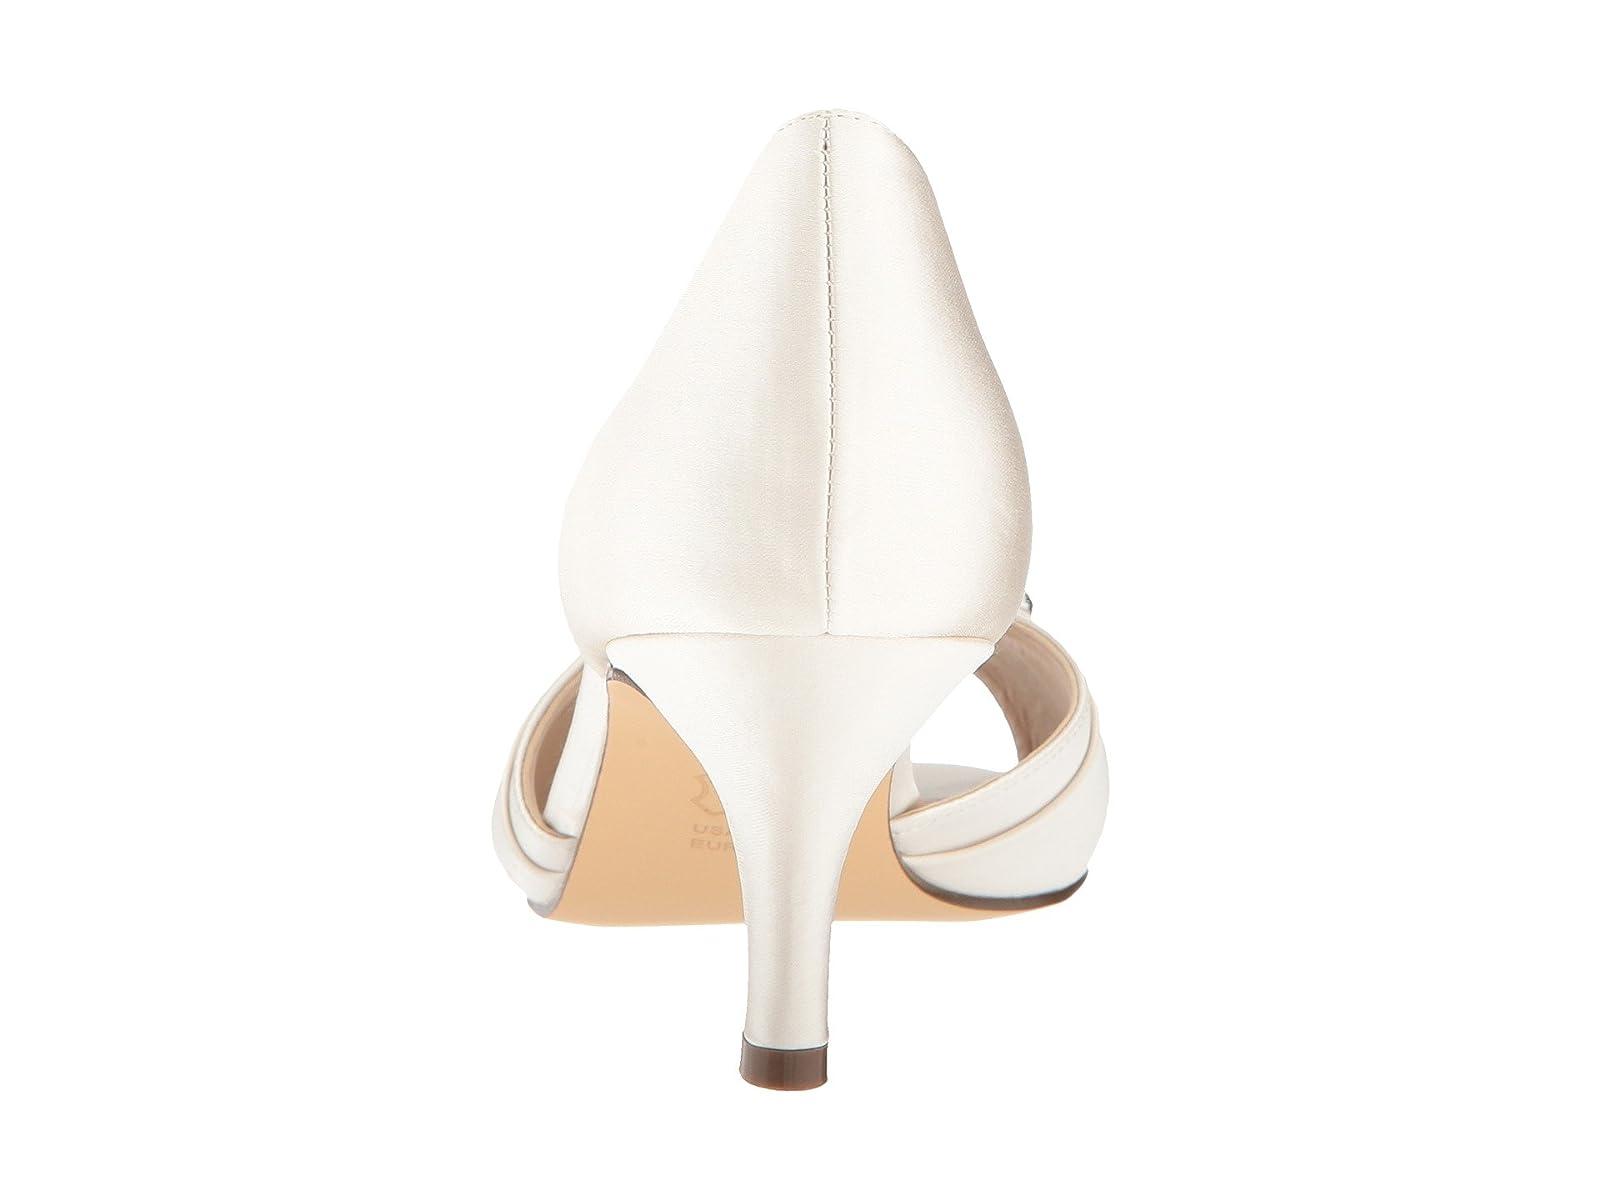 Gentleman/Lady Nina Charisa Charisa Charisa  New Product a6b2c7